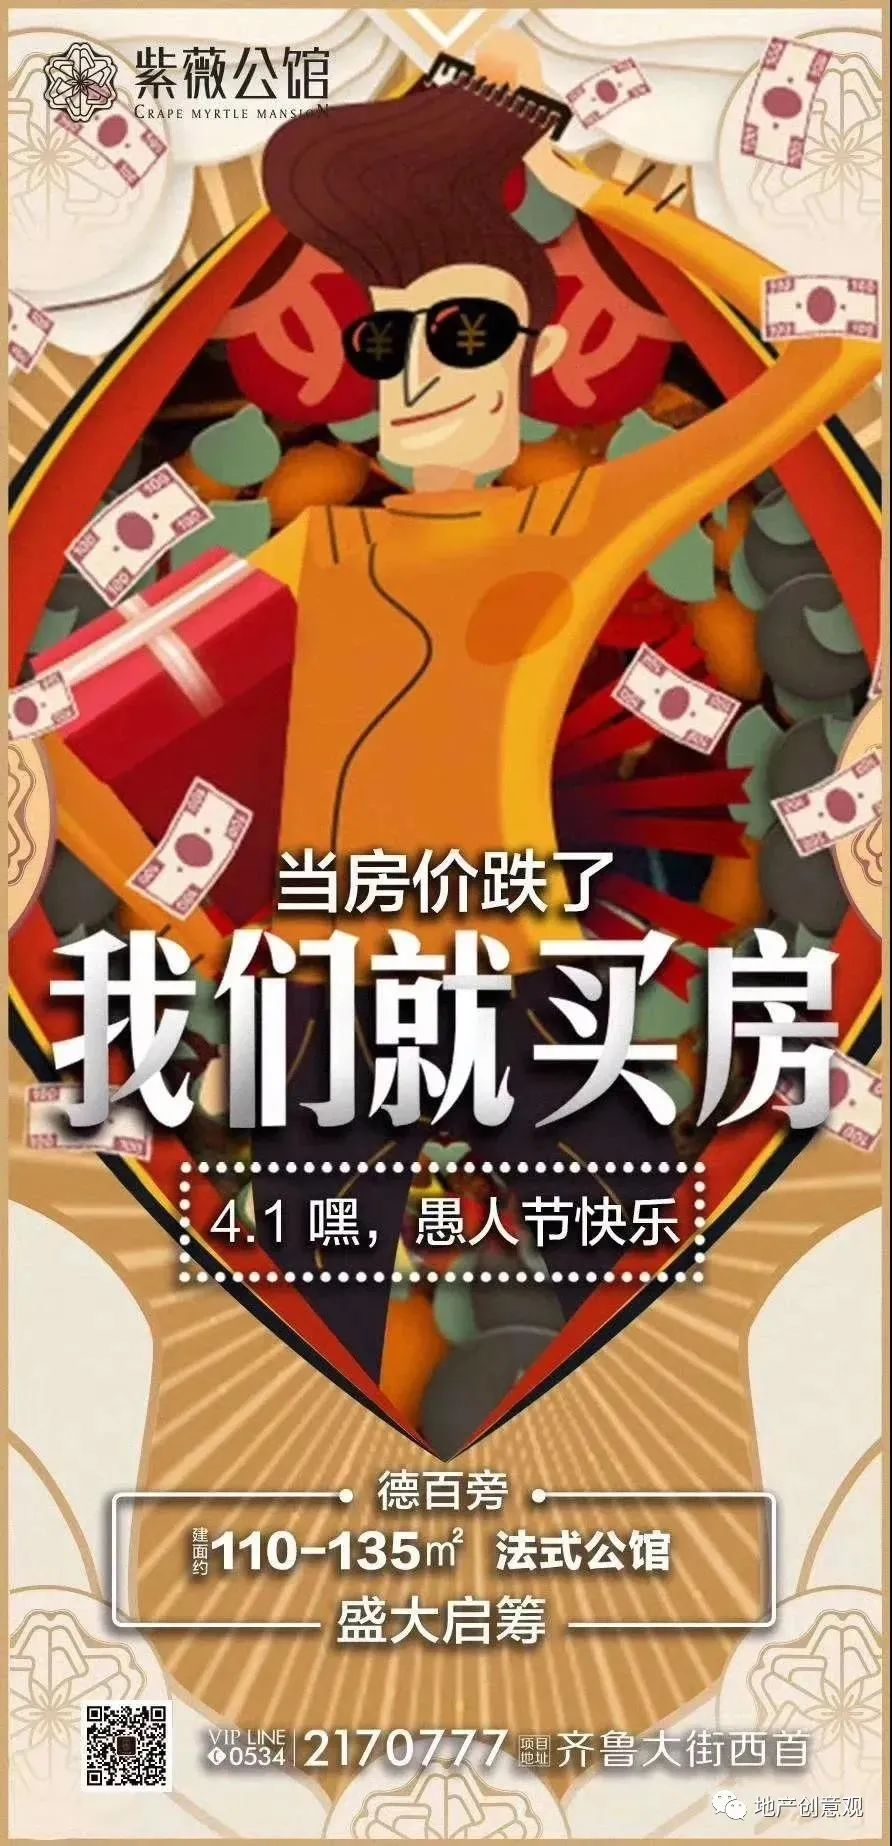 地产广告丨2021愚人节借势海报文案欣赏~插图213